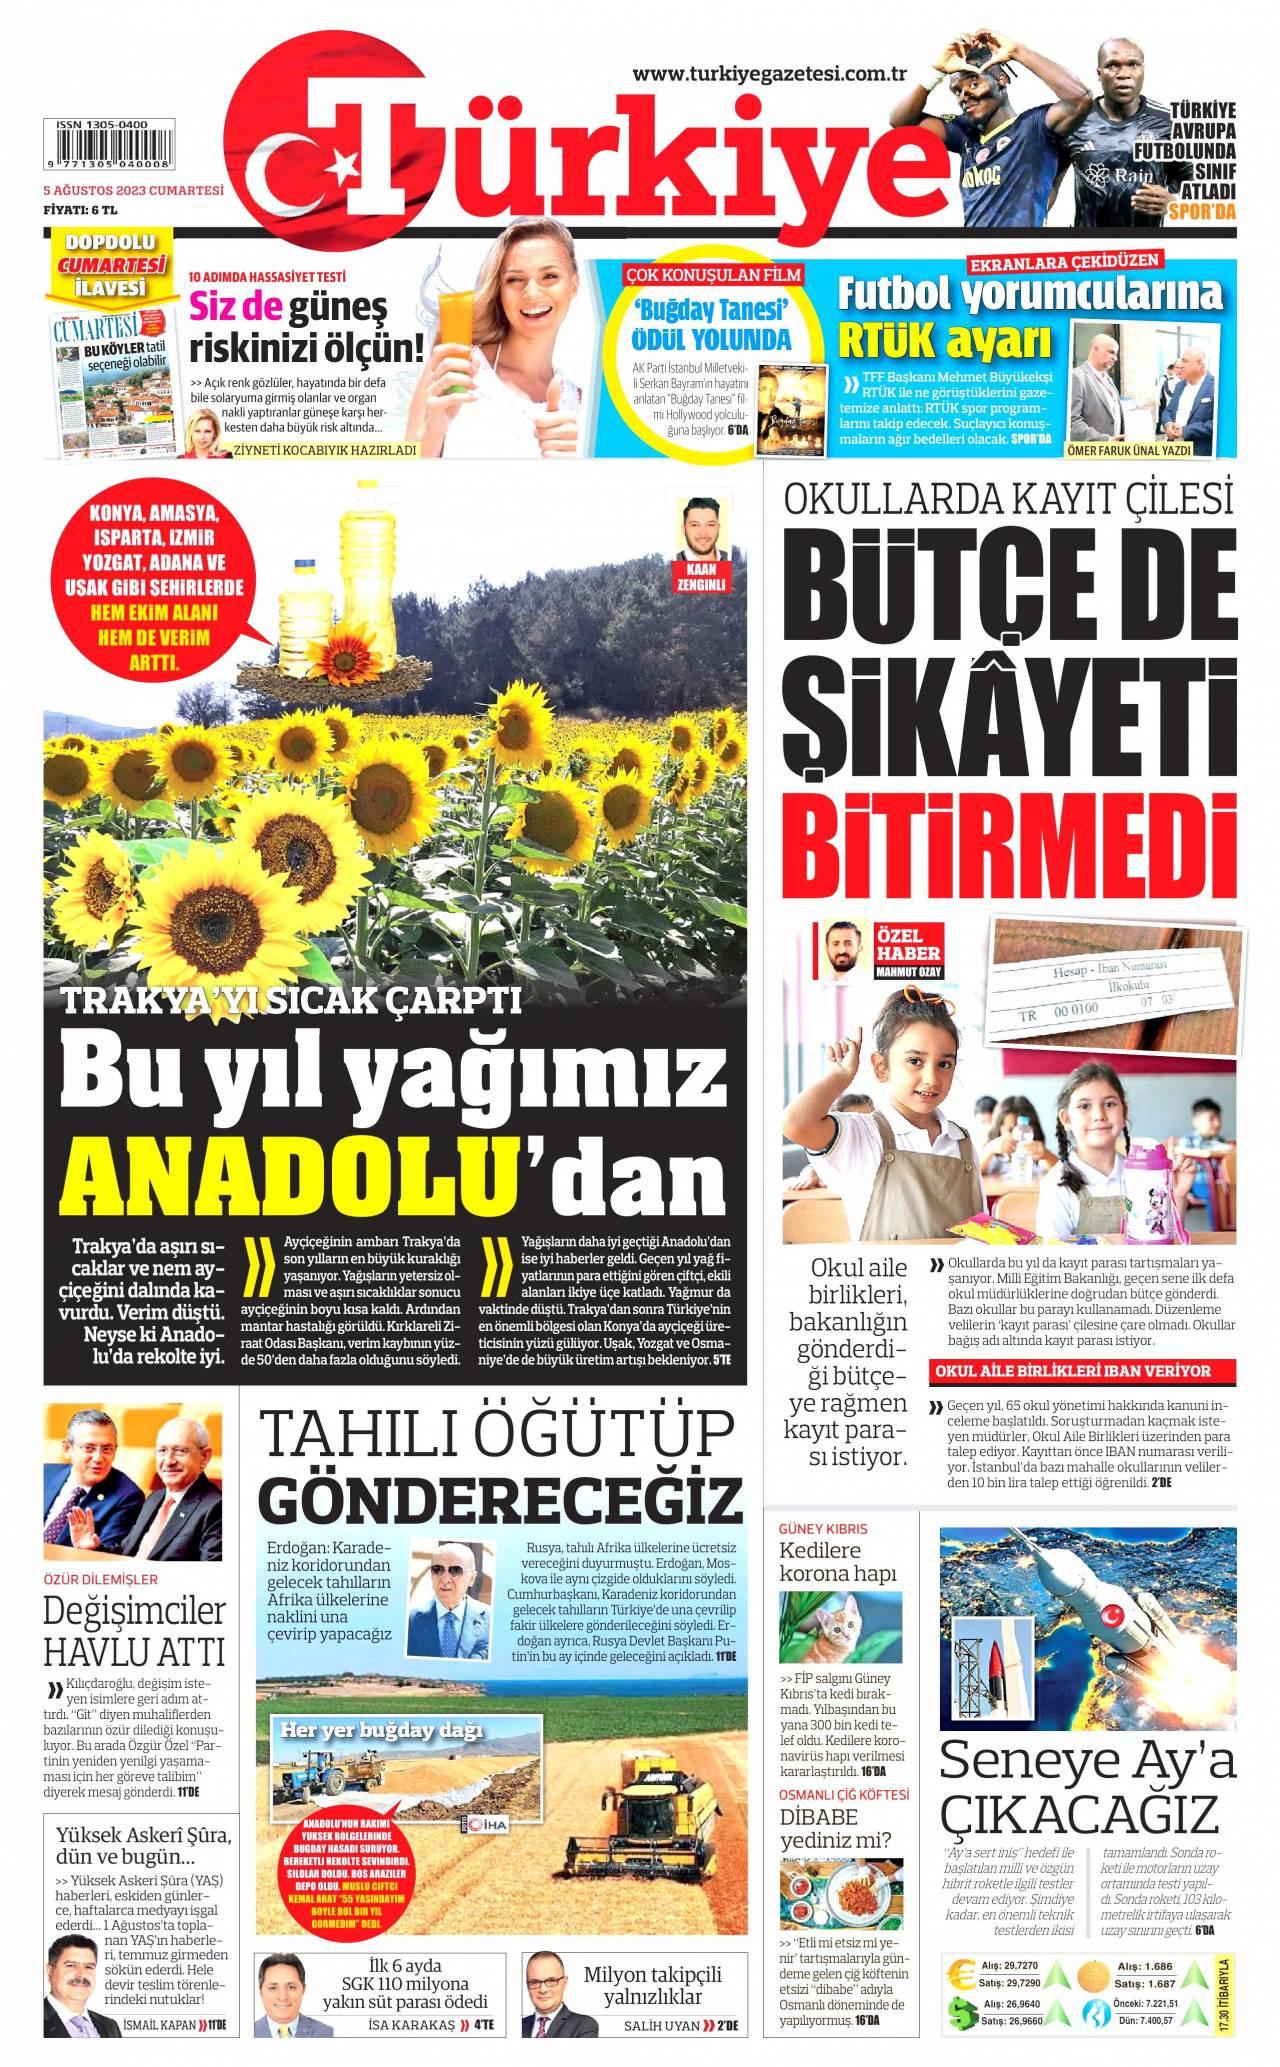 17 Ekim 2019, Perşembe turkiye Gazetesi